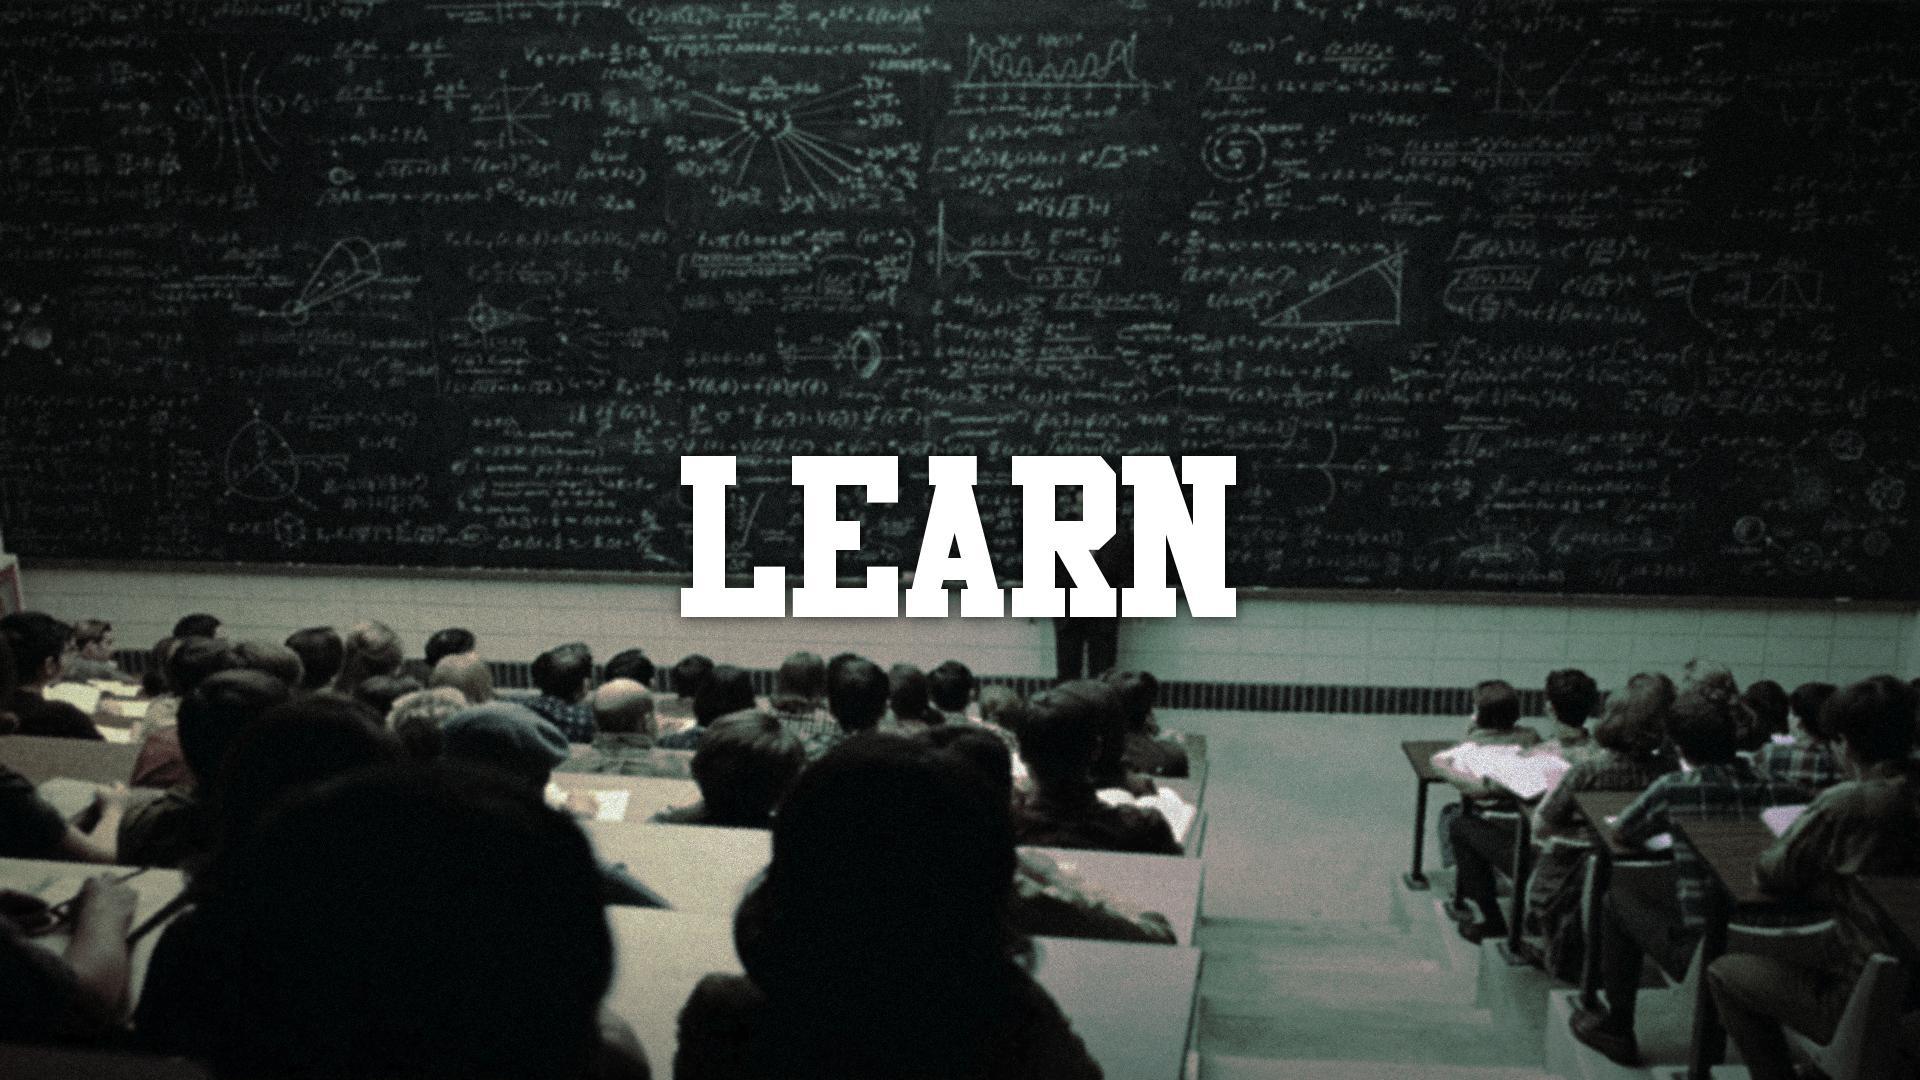 Learn Classroom Wallpaper 1920x1080 126304 WallpaperUP